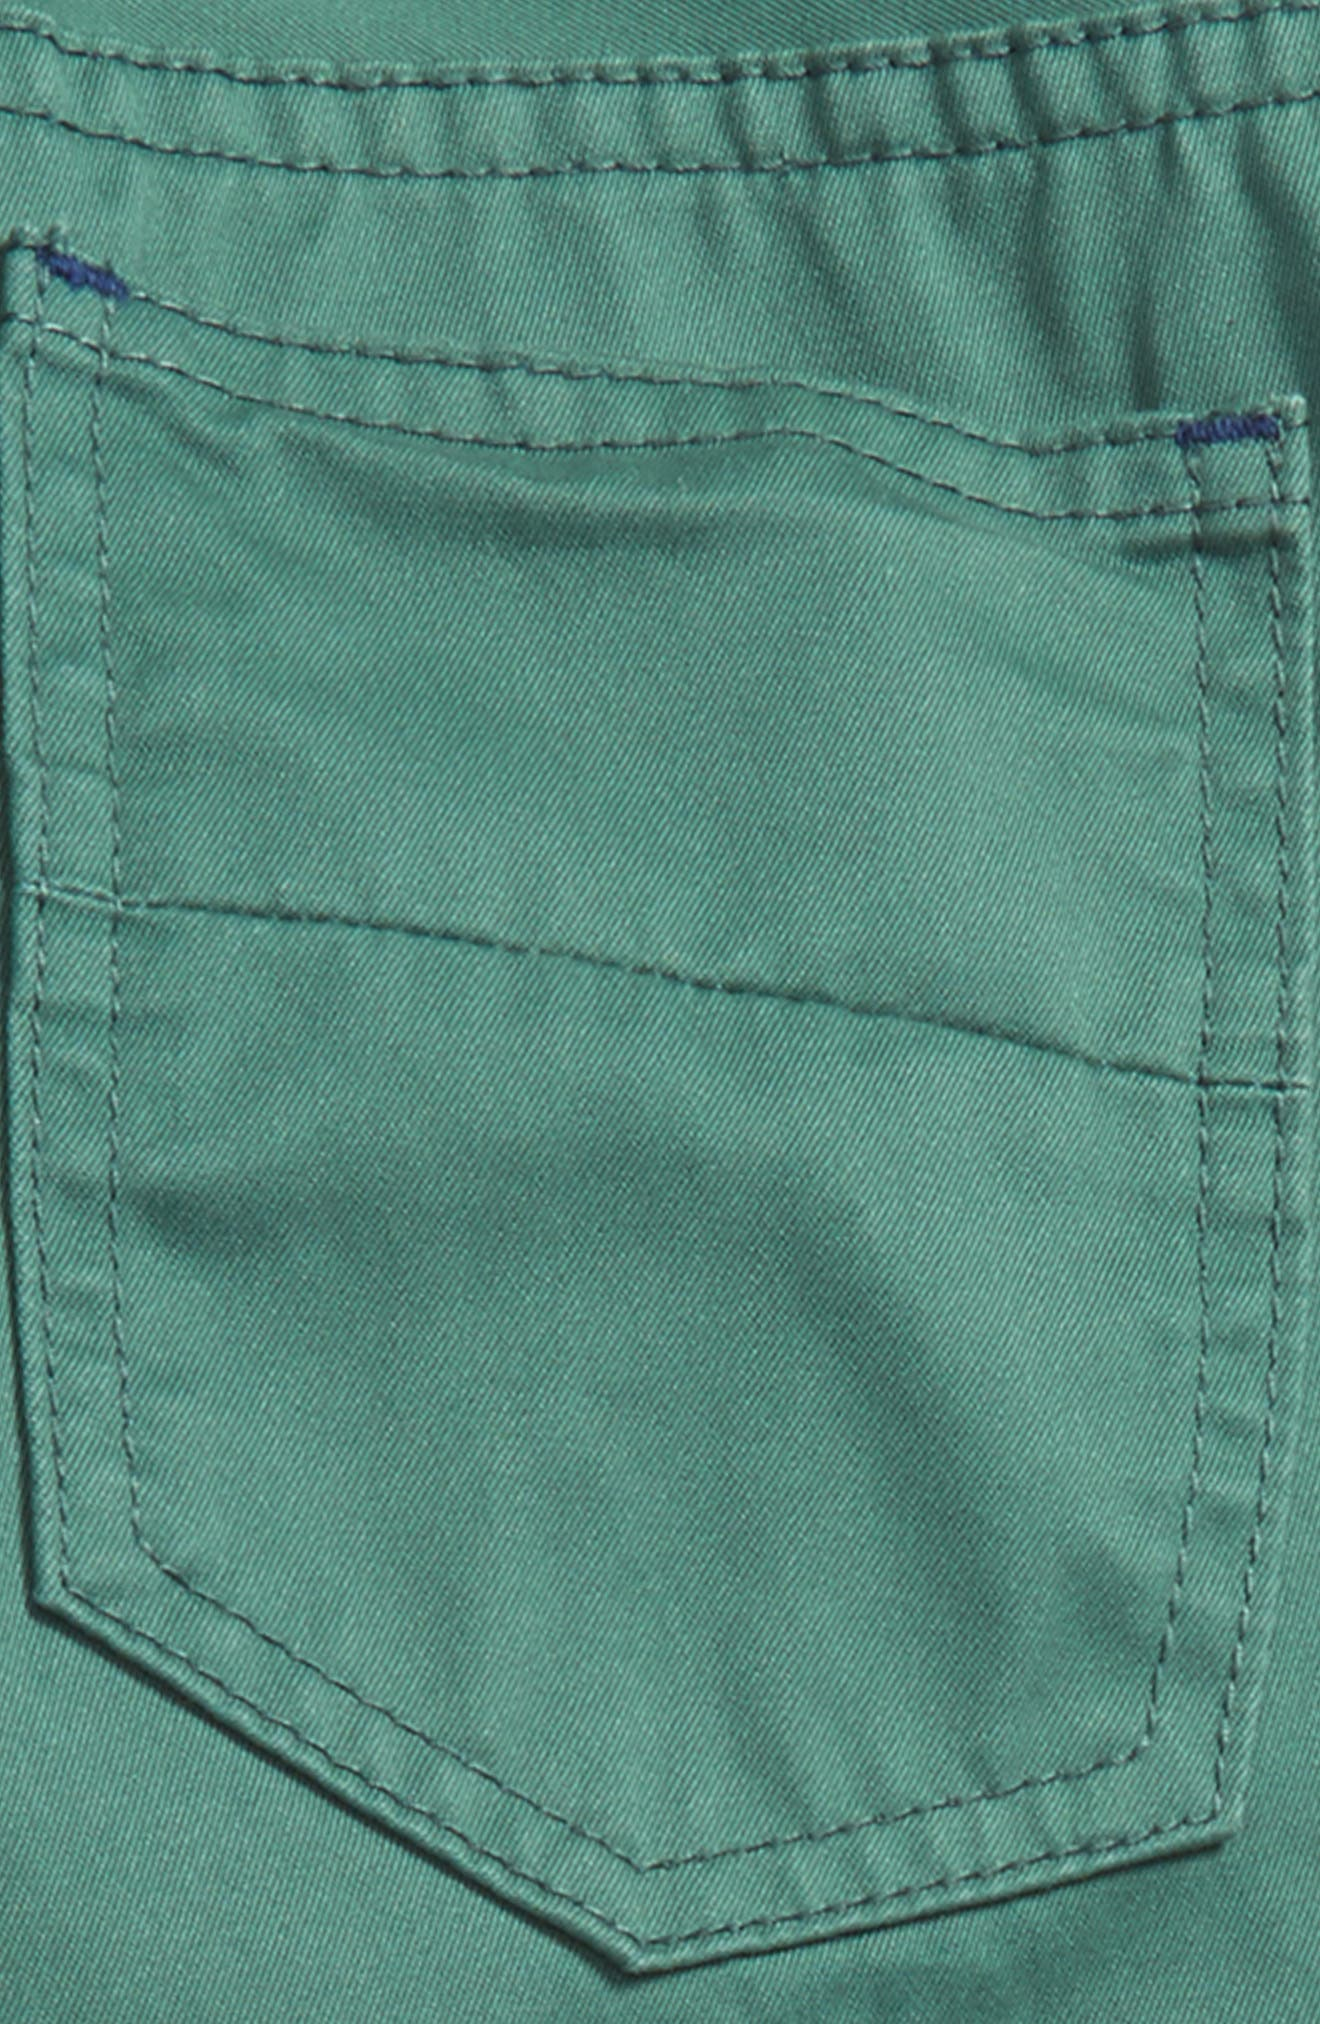 Slim Jeans,                             Alternate thumbnail 3, color,                             Rosemary Green